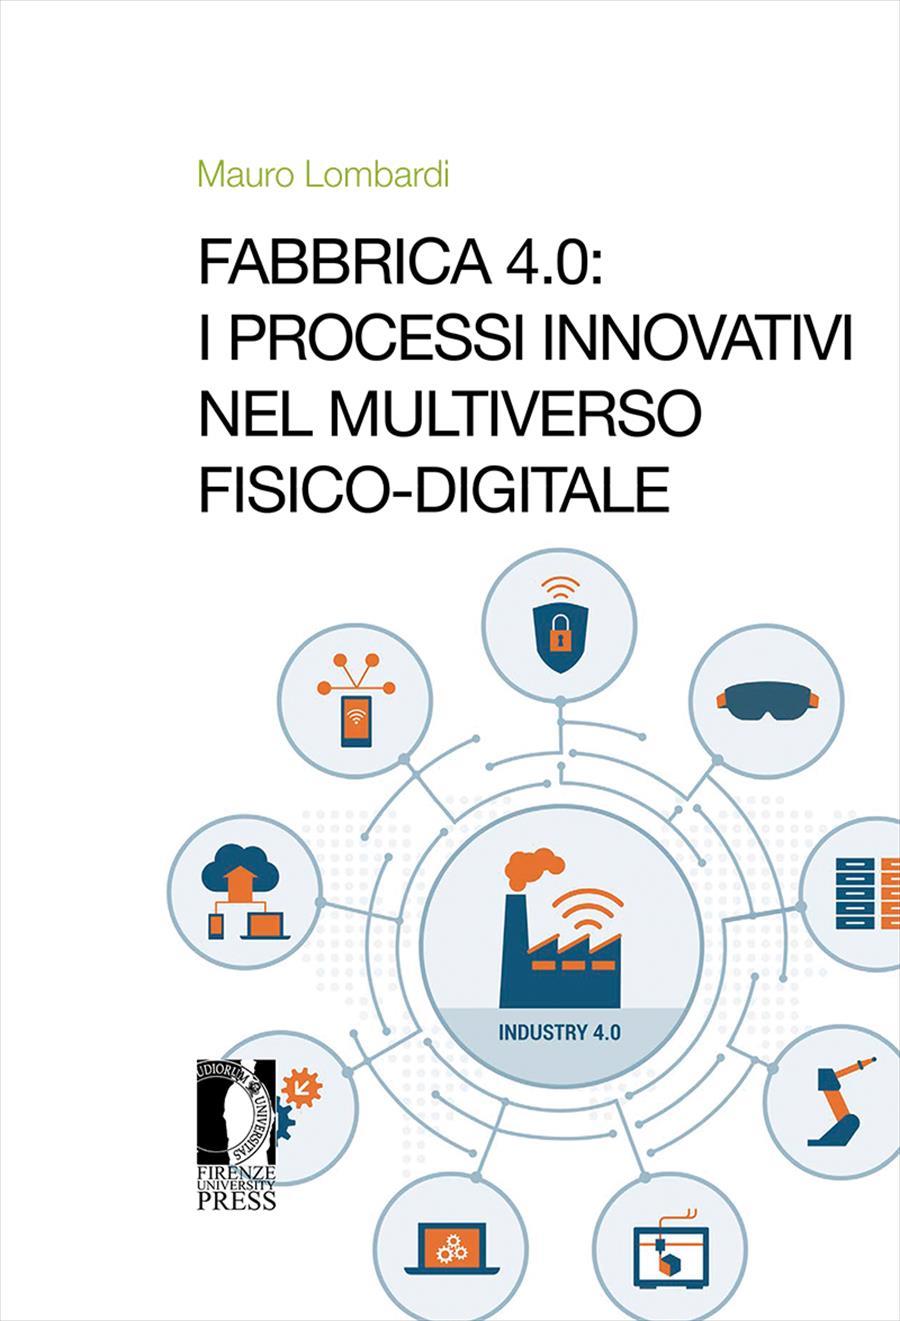 Fabbrica 4.0: I processi innovativi nel Multiverso fisico-digitale